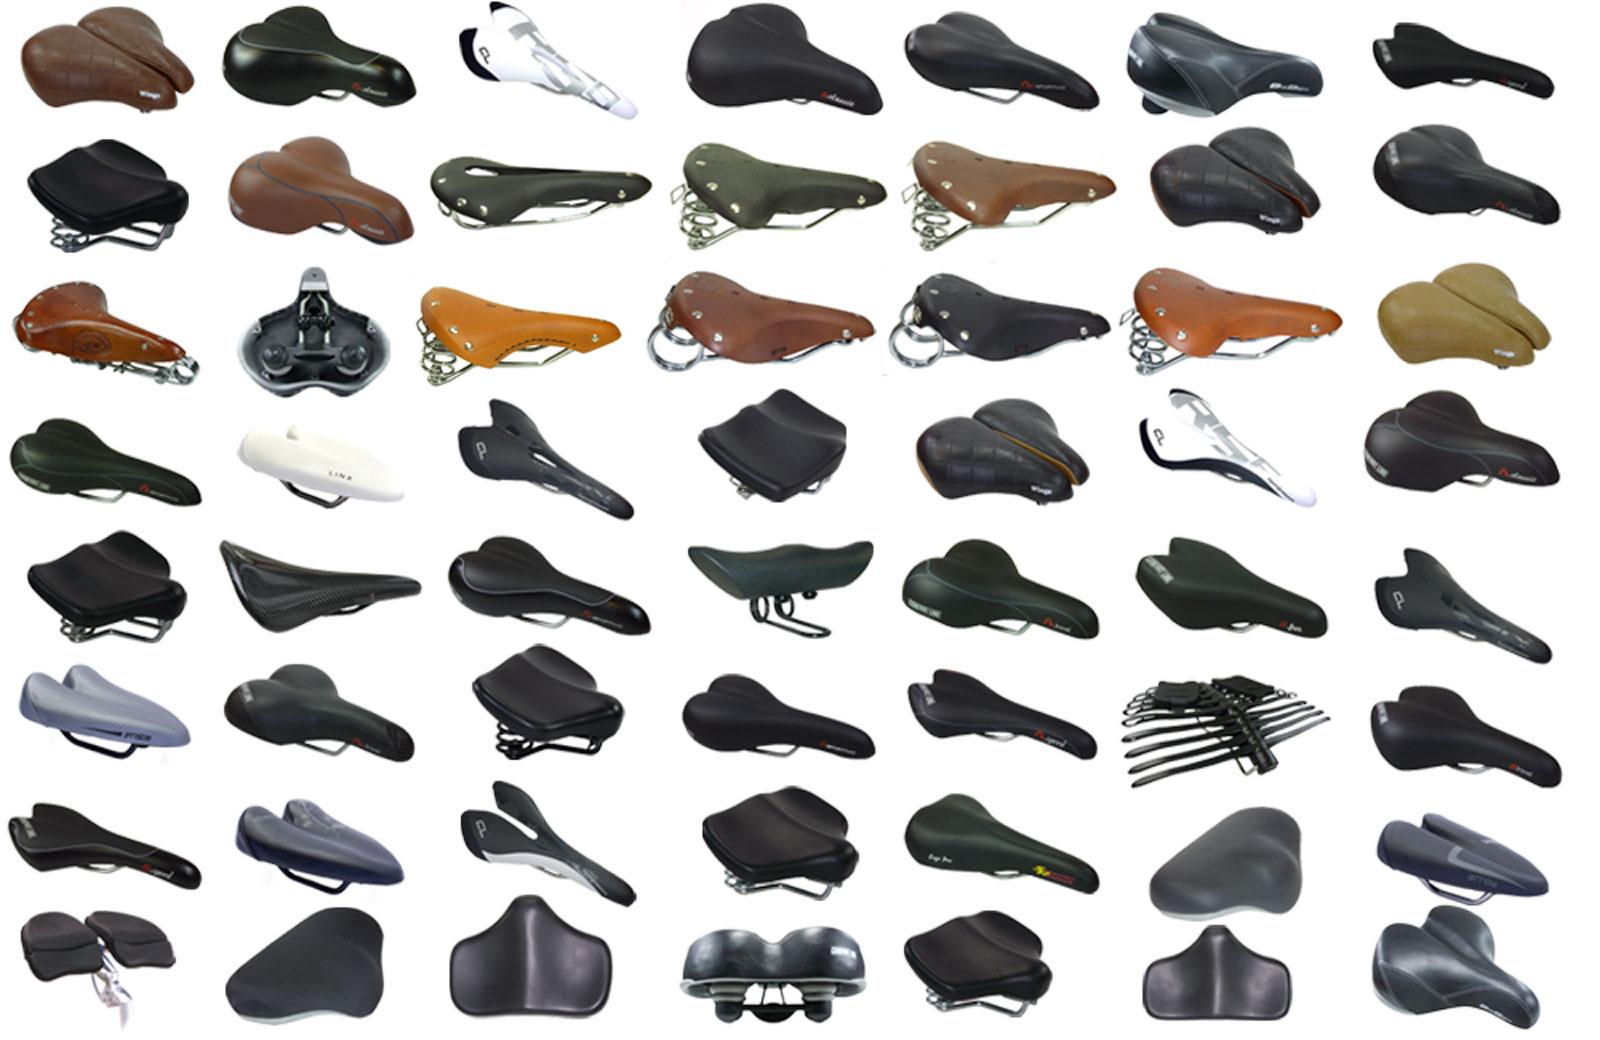 Voor een overzicht van alle aangeboden fietszadels open: